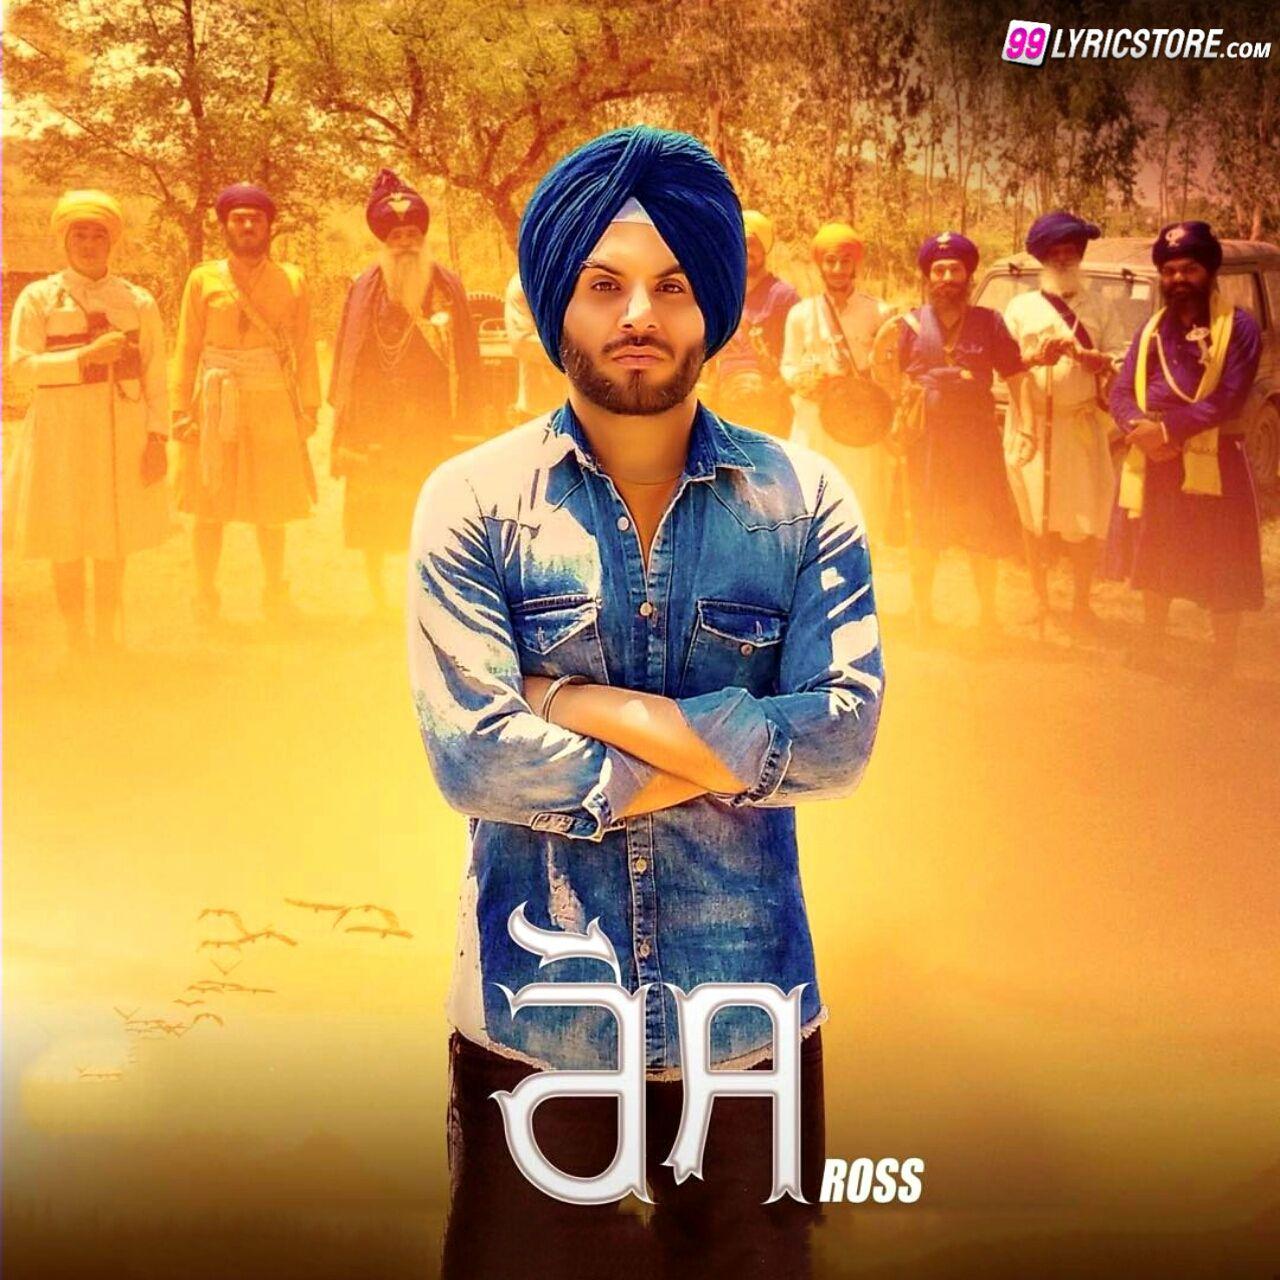 Ross Punjabi Song lyrics sung by karaj Randhawa